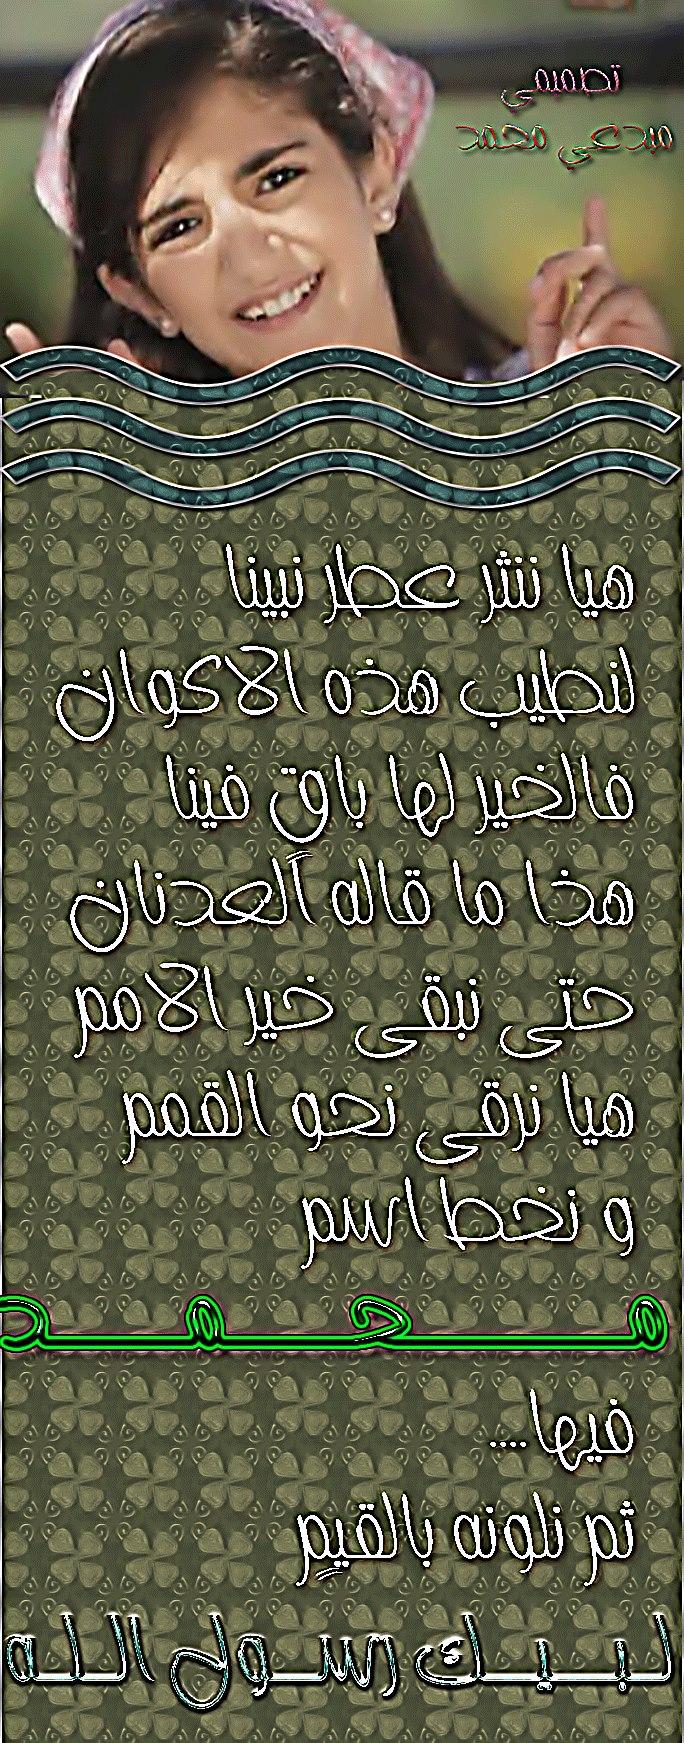 http://s4.picofile.com/file/7798729886/279502_437167943012139_1080398384_o.jpg